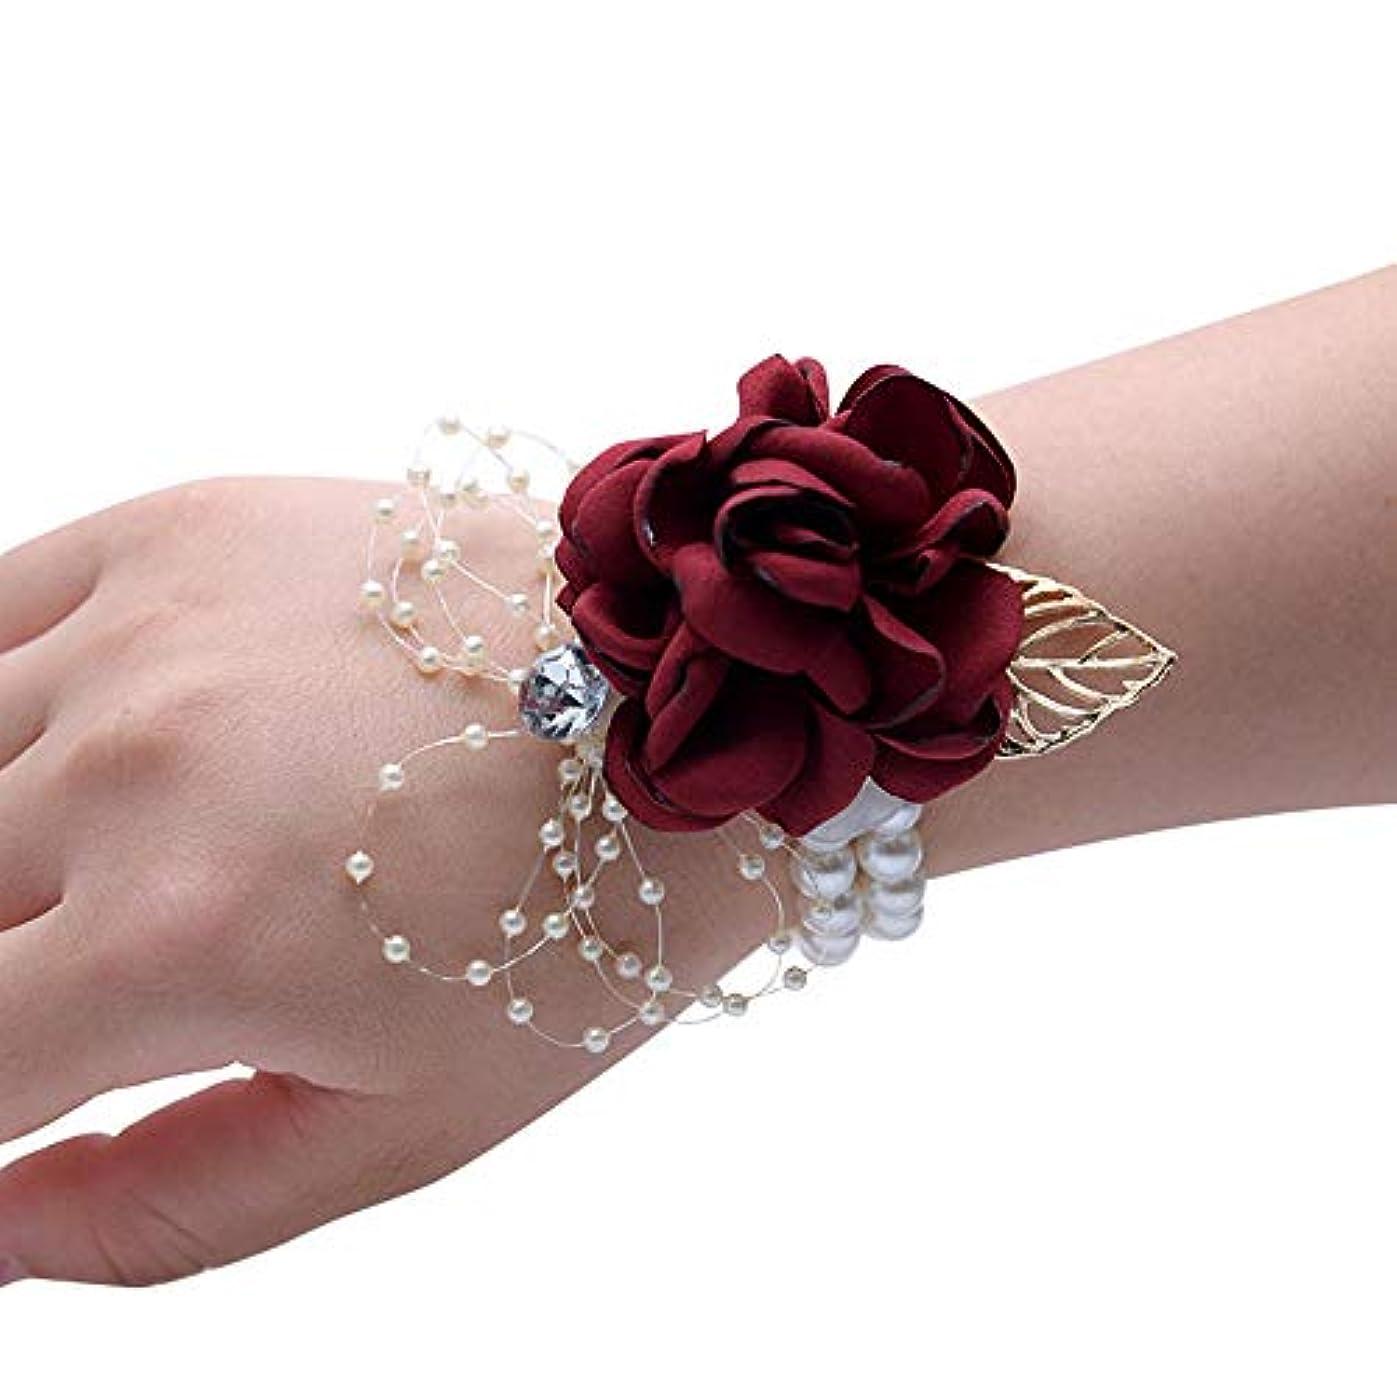 しばしばグローブ不条理Merssavo 手首の花 - 女の子チャーム手首コサージュブレスレット花嫁介添人姉妹の手の花のどの真珠の結婚式、ワインレッド